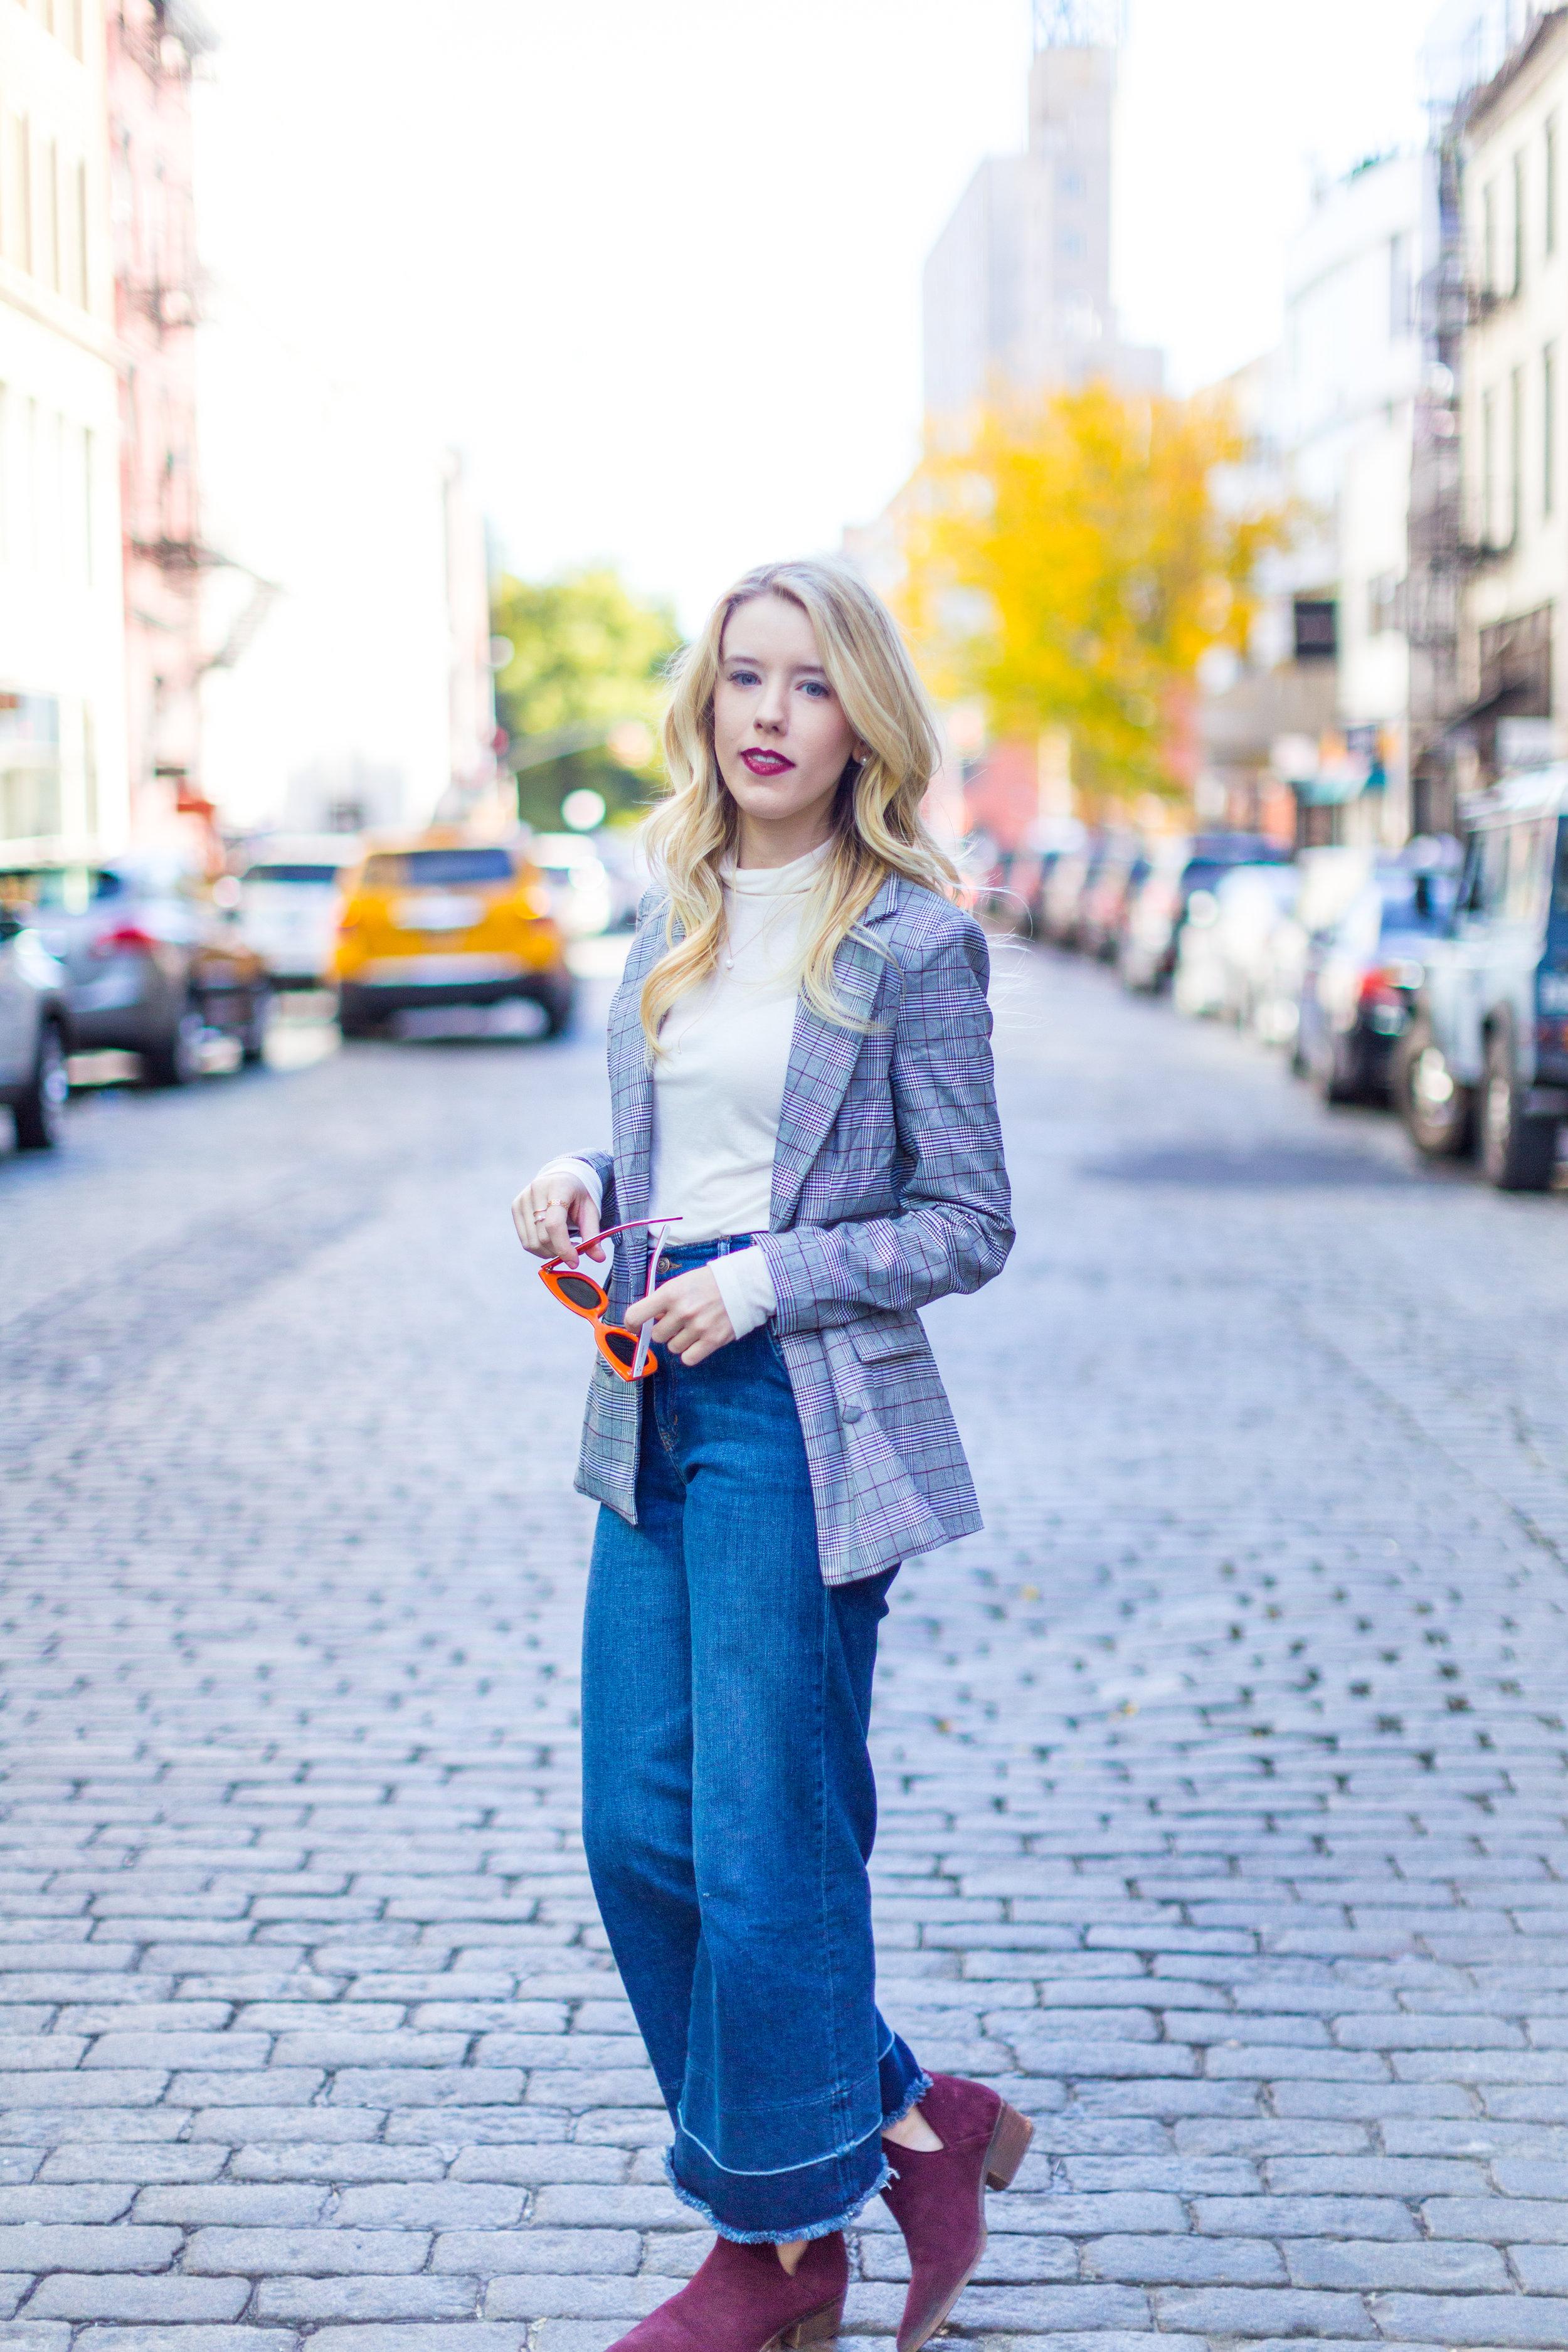 NYC Fall Fashion Trends Plaid Blazer-6.jpg